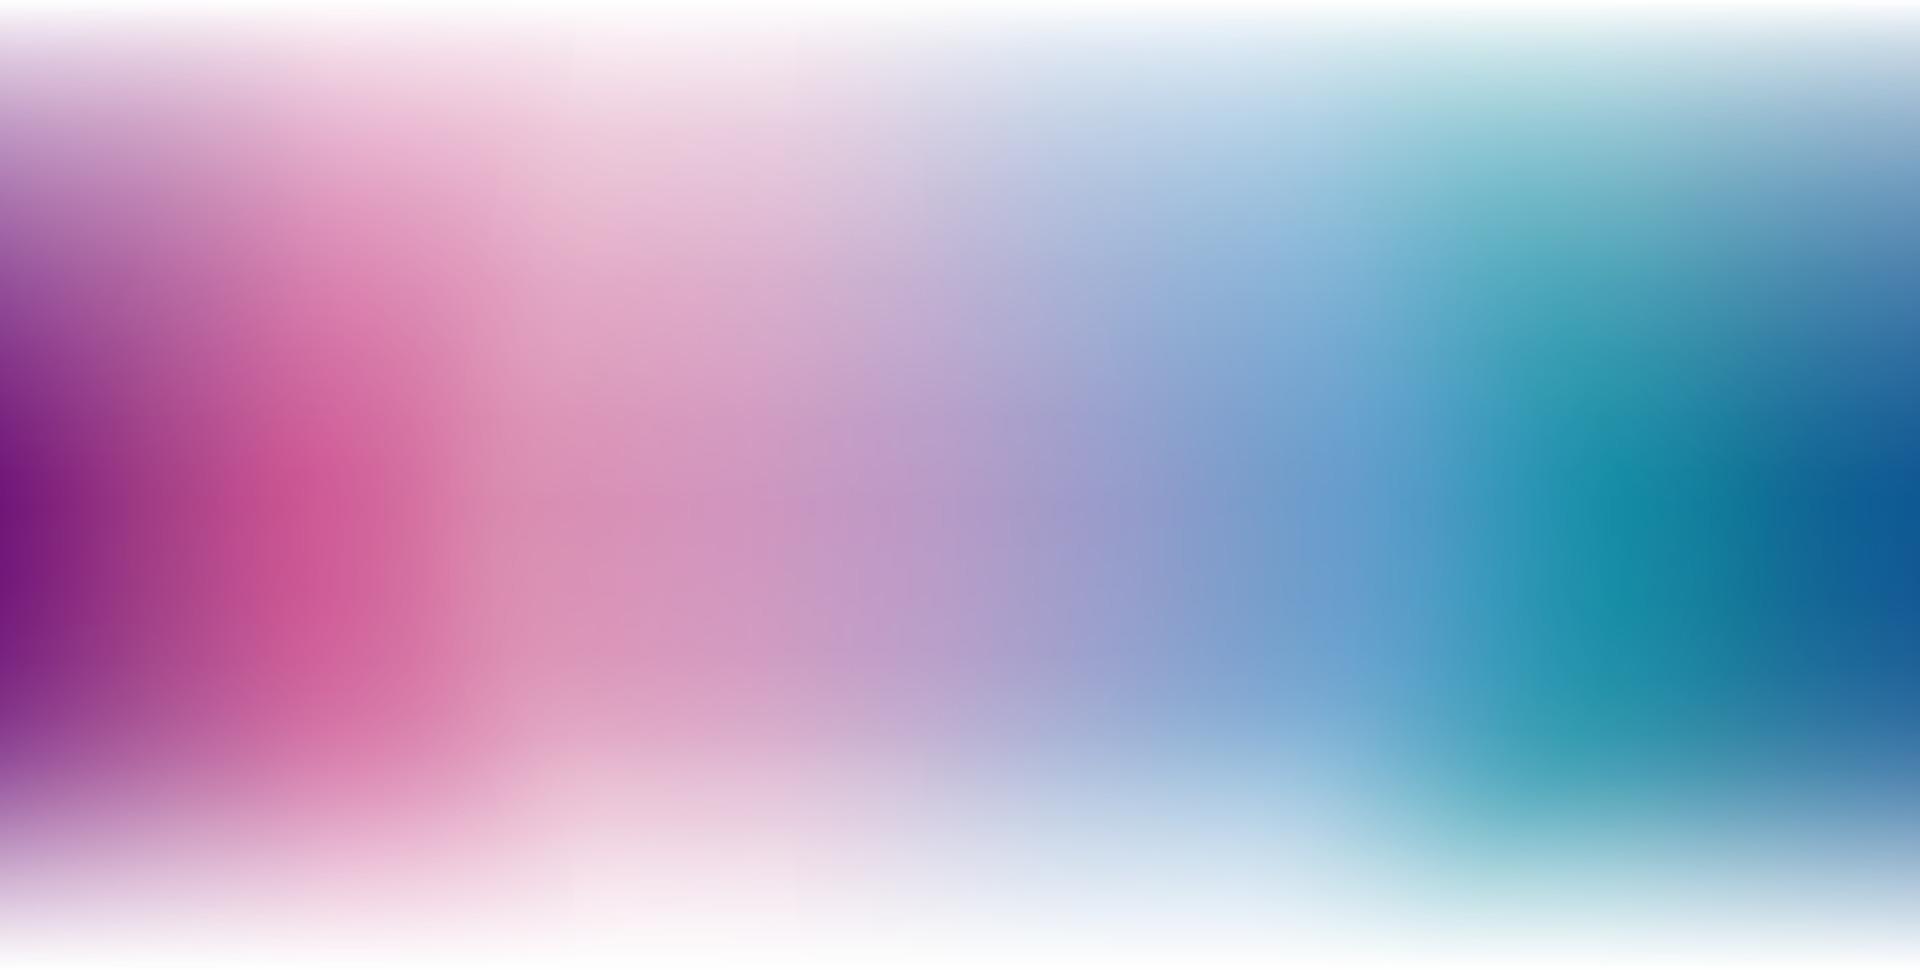 ilustração vetorial abstrato de cor suave vetor